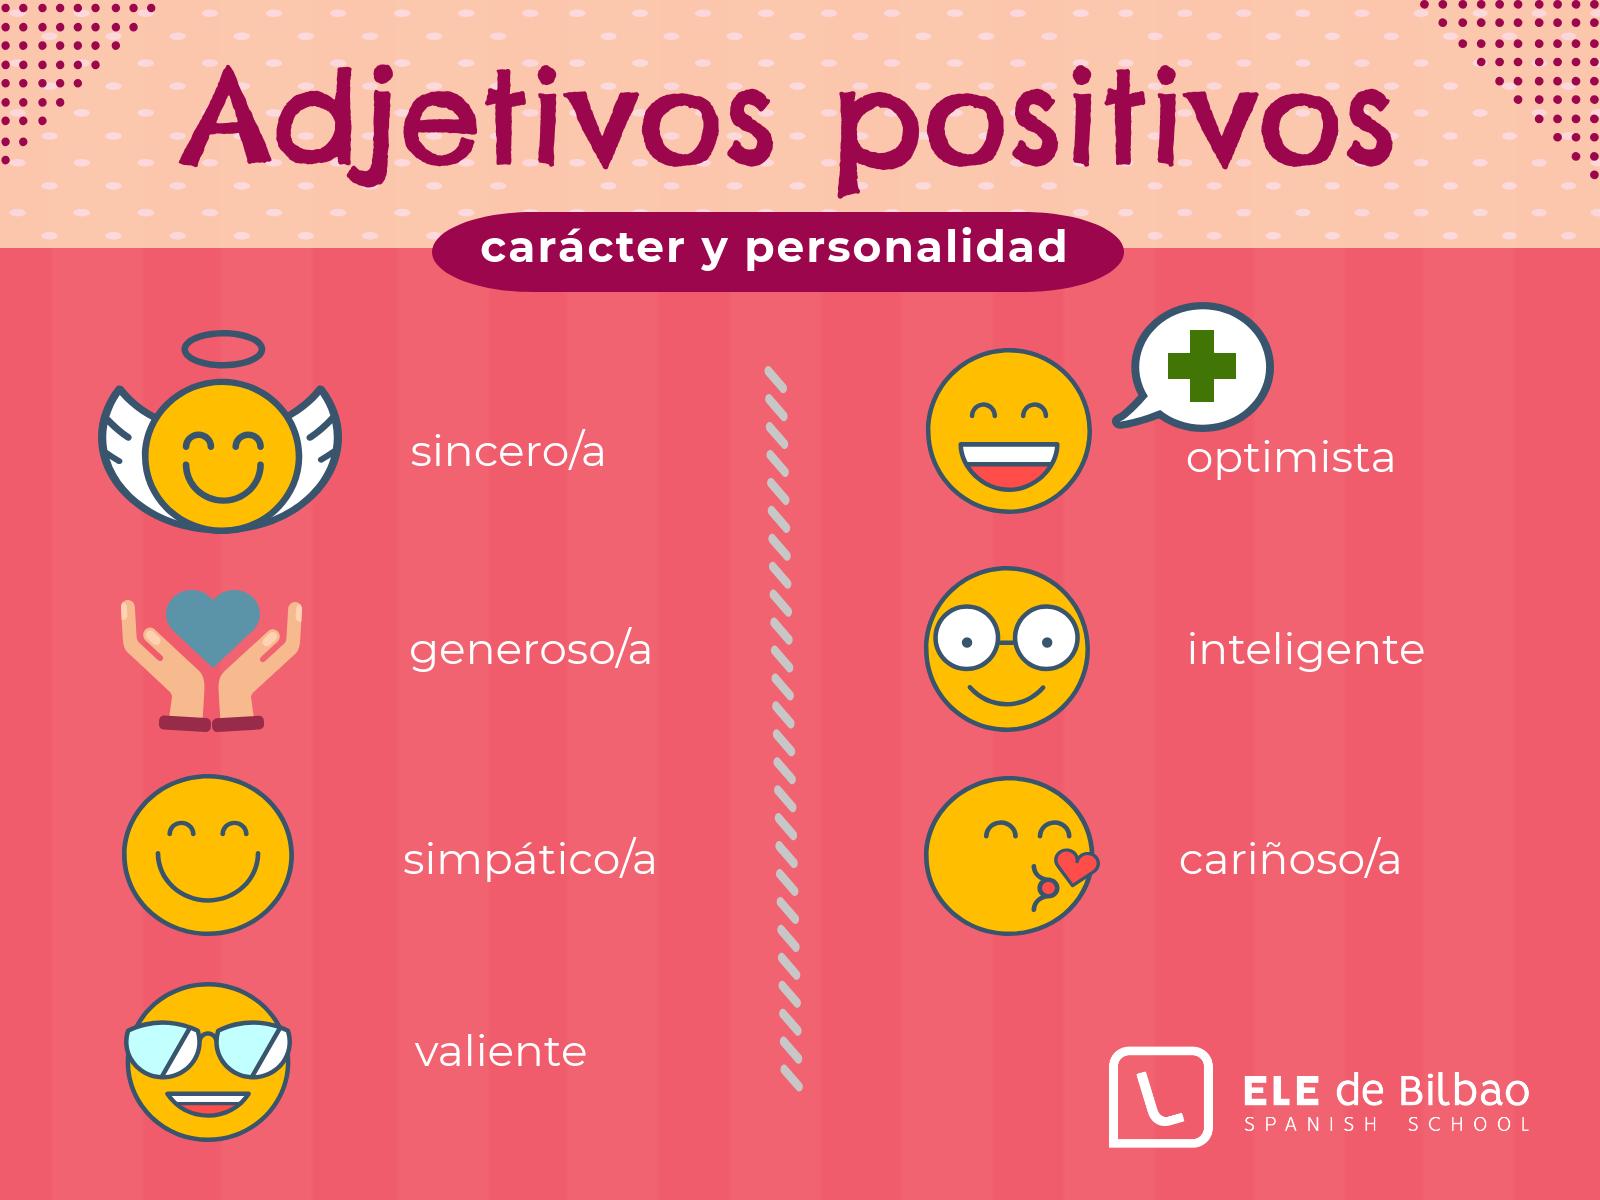 Adjetivos Positivos En Español Para Describir El Carácter De Las Personas Lingua Espanhola Signos Do Zodíaco Espanhol